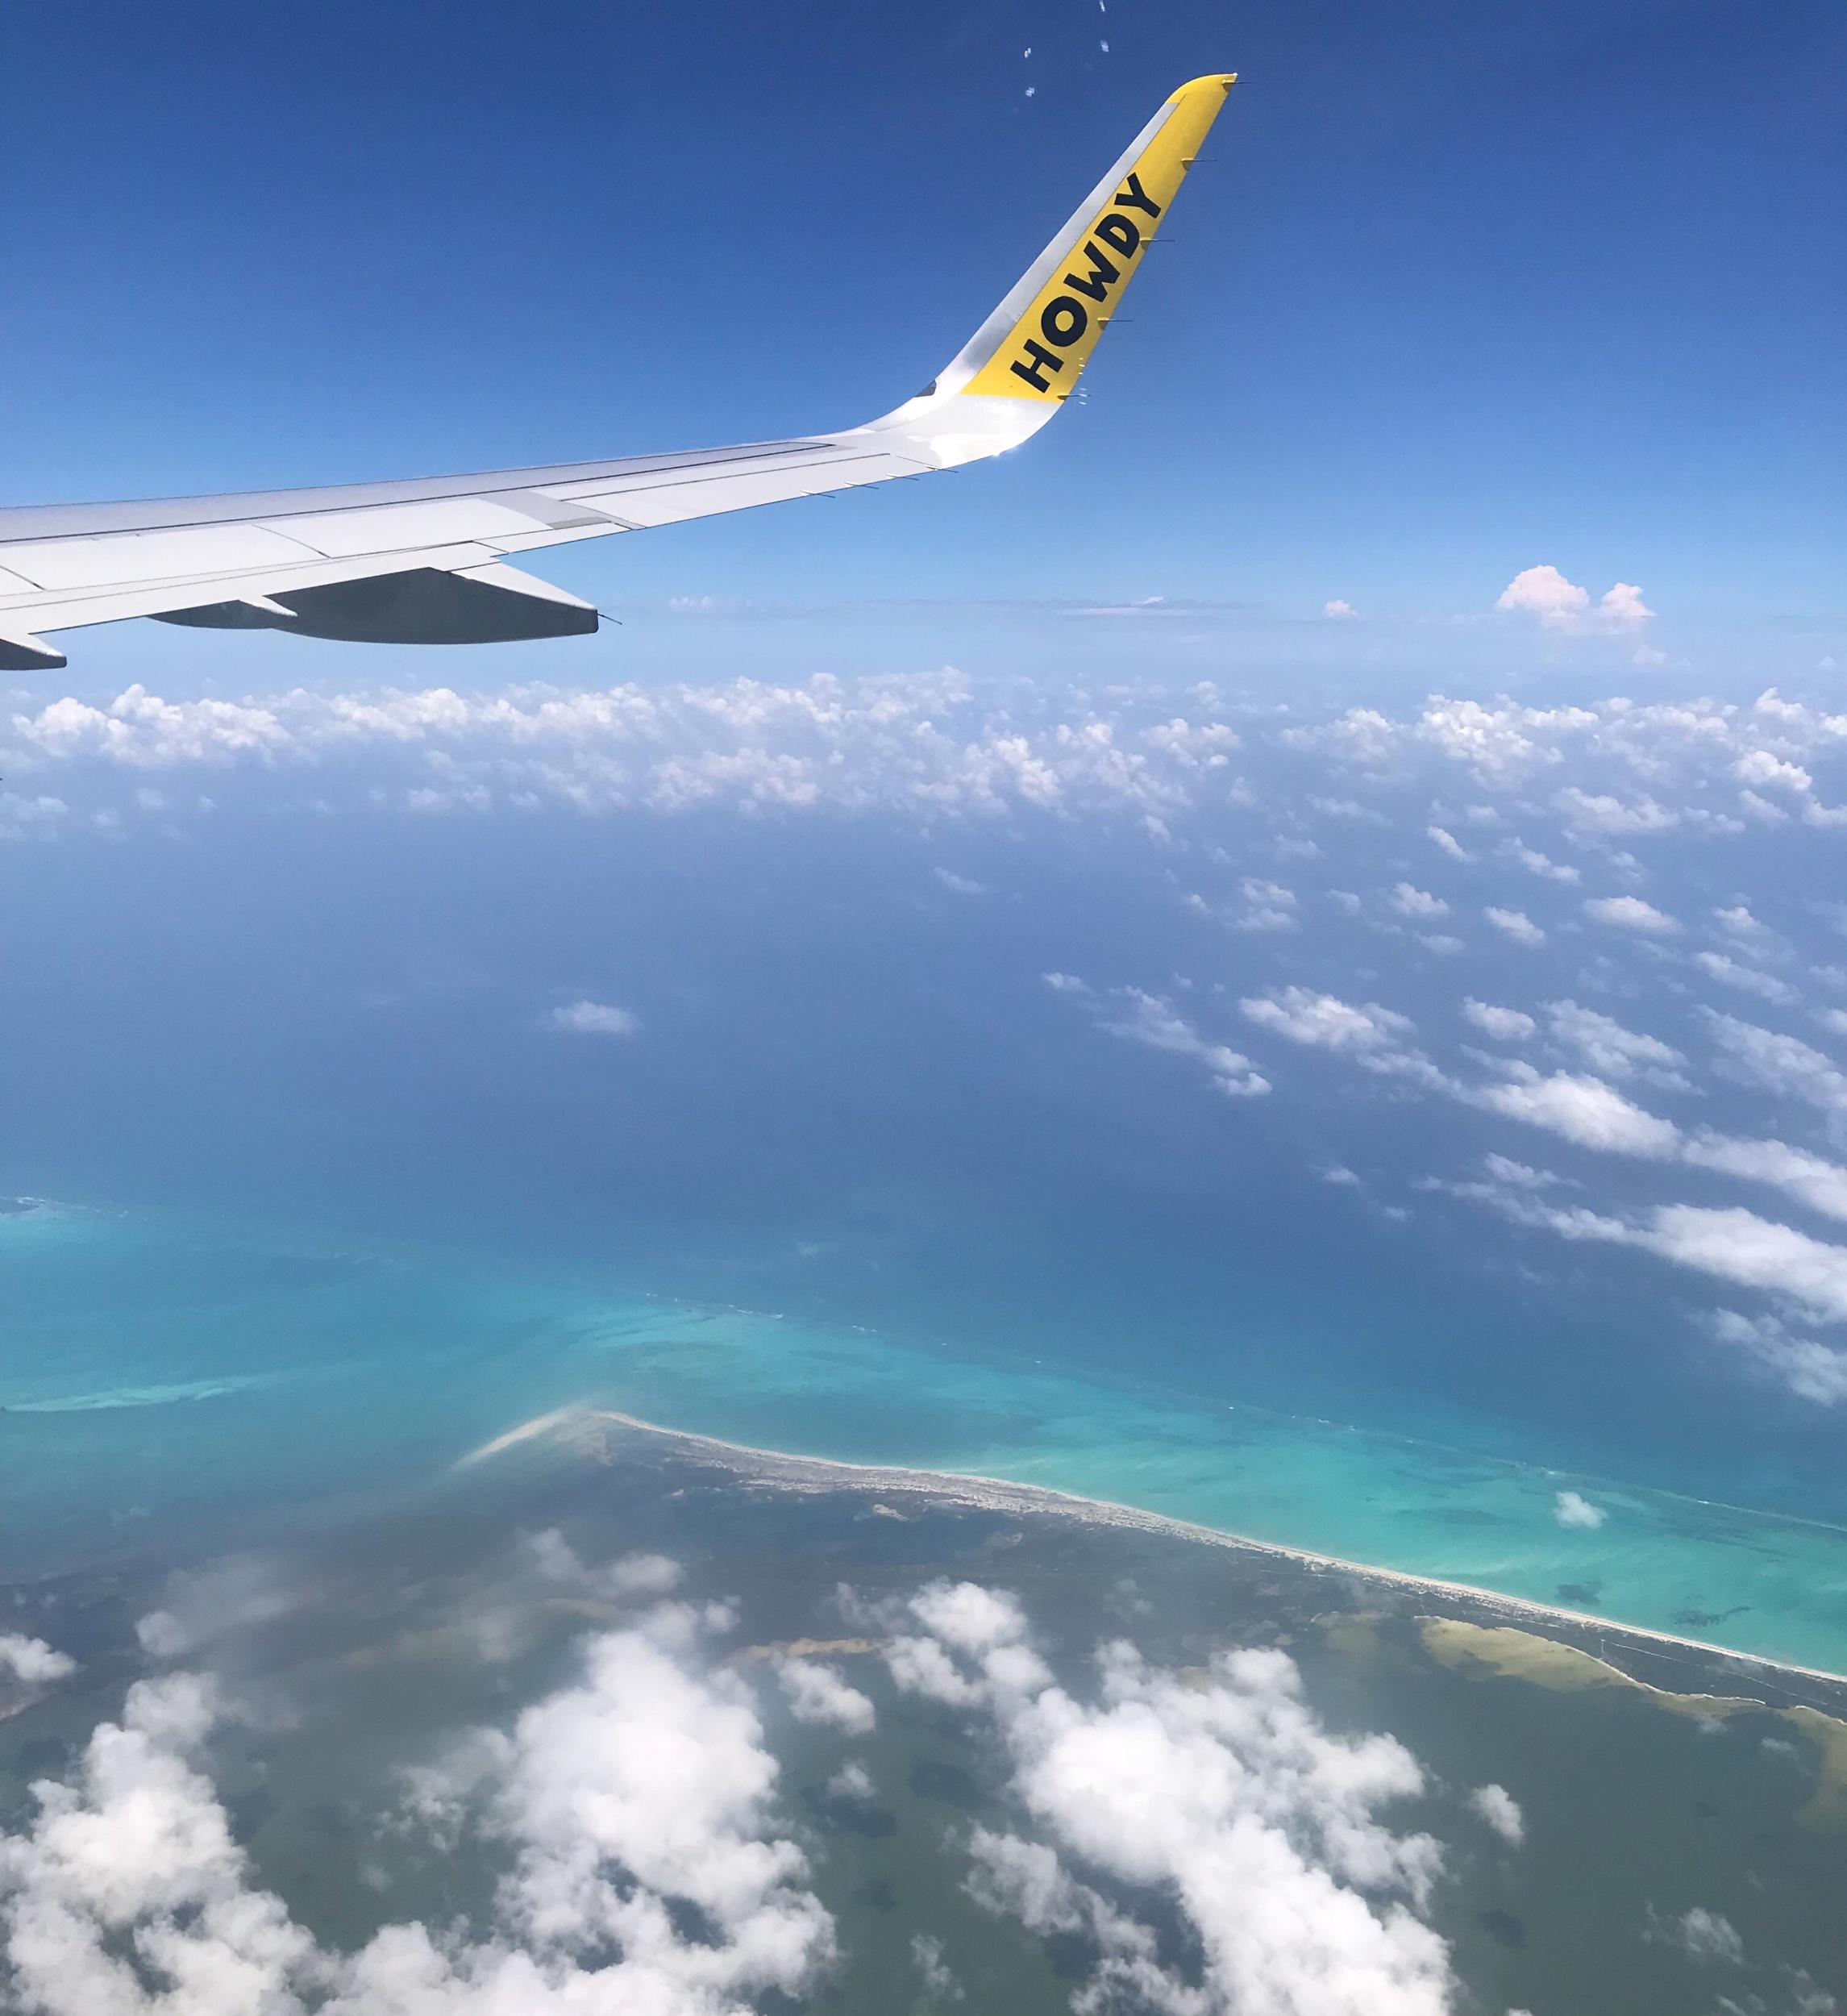 Somewhere over Quintana Roo